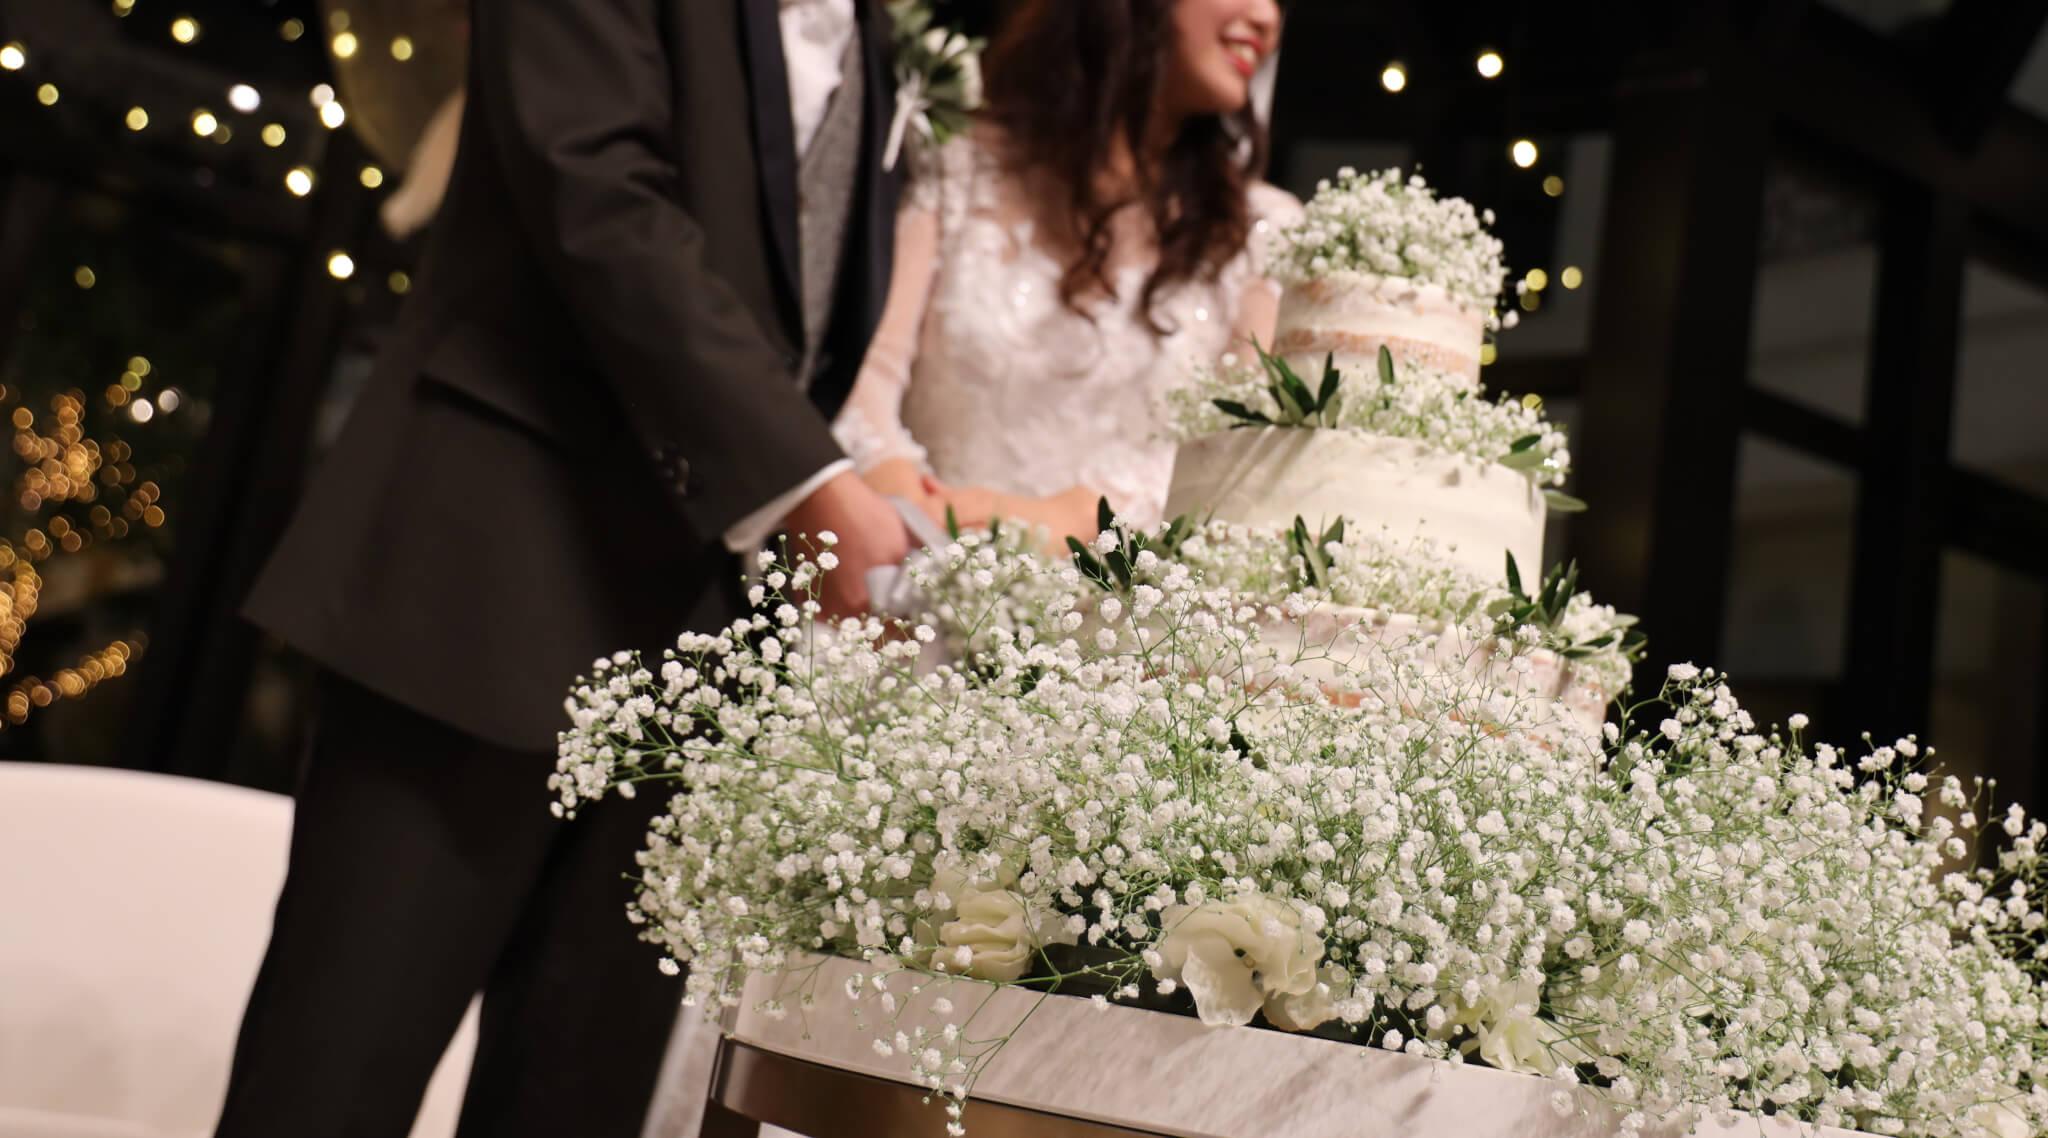 【はじめての一眼カメラ】CANONのミラーレス一眼「EOS R」を結婚式で使って撮影してみた